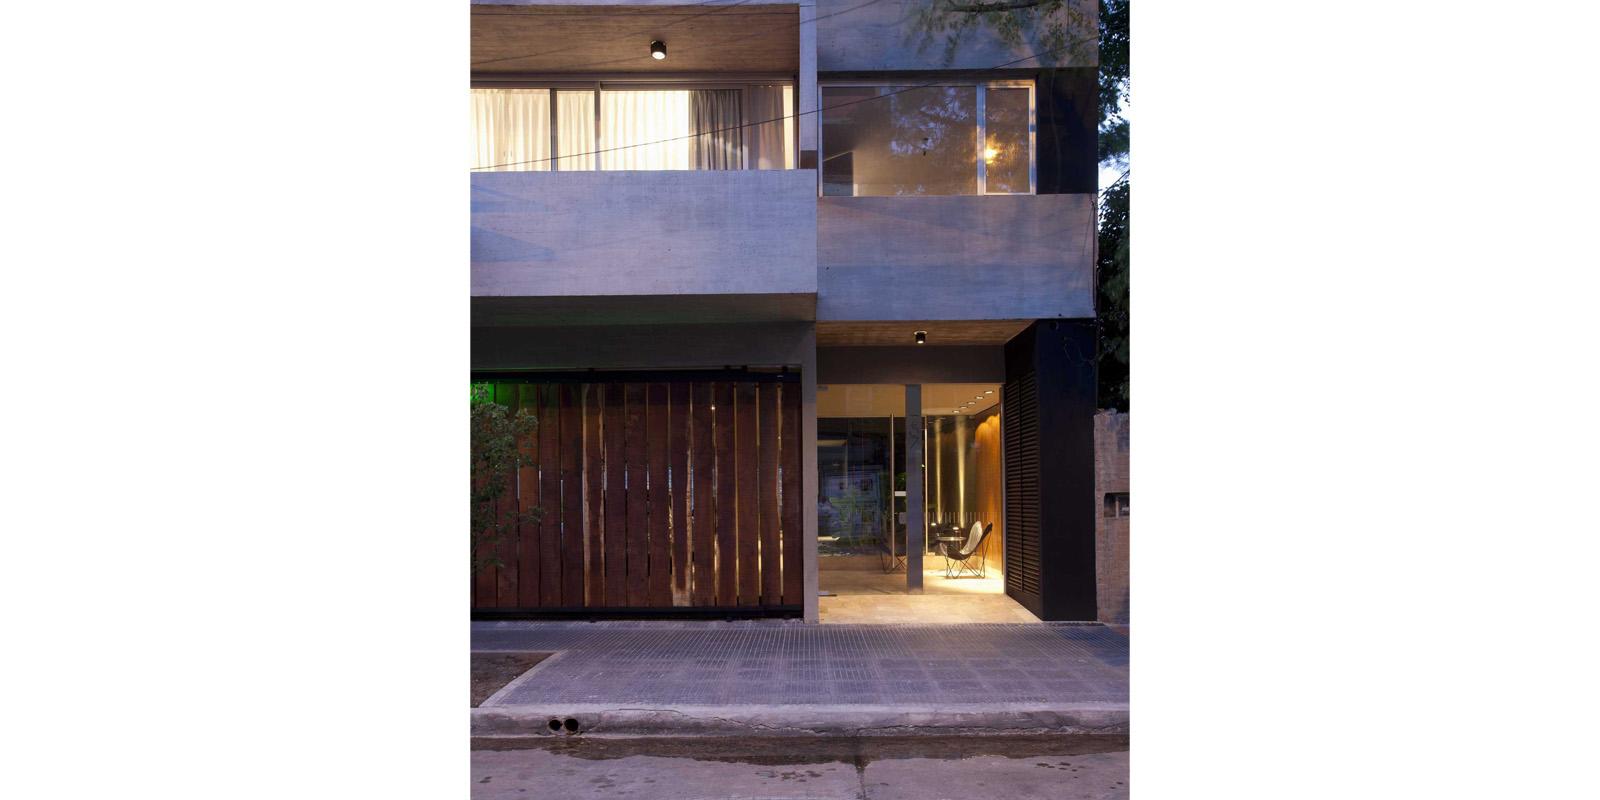 ProyectoC_Arquitectos_Portfolio_06_Anchorena